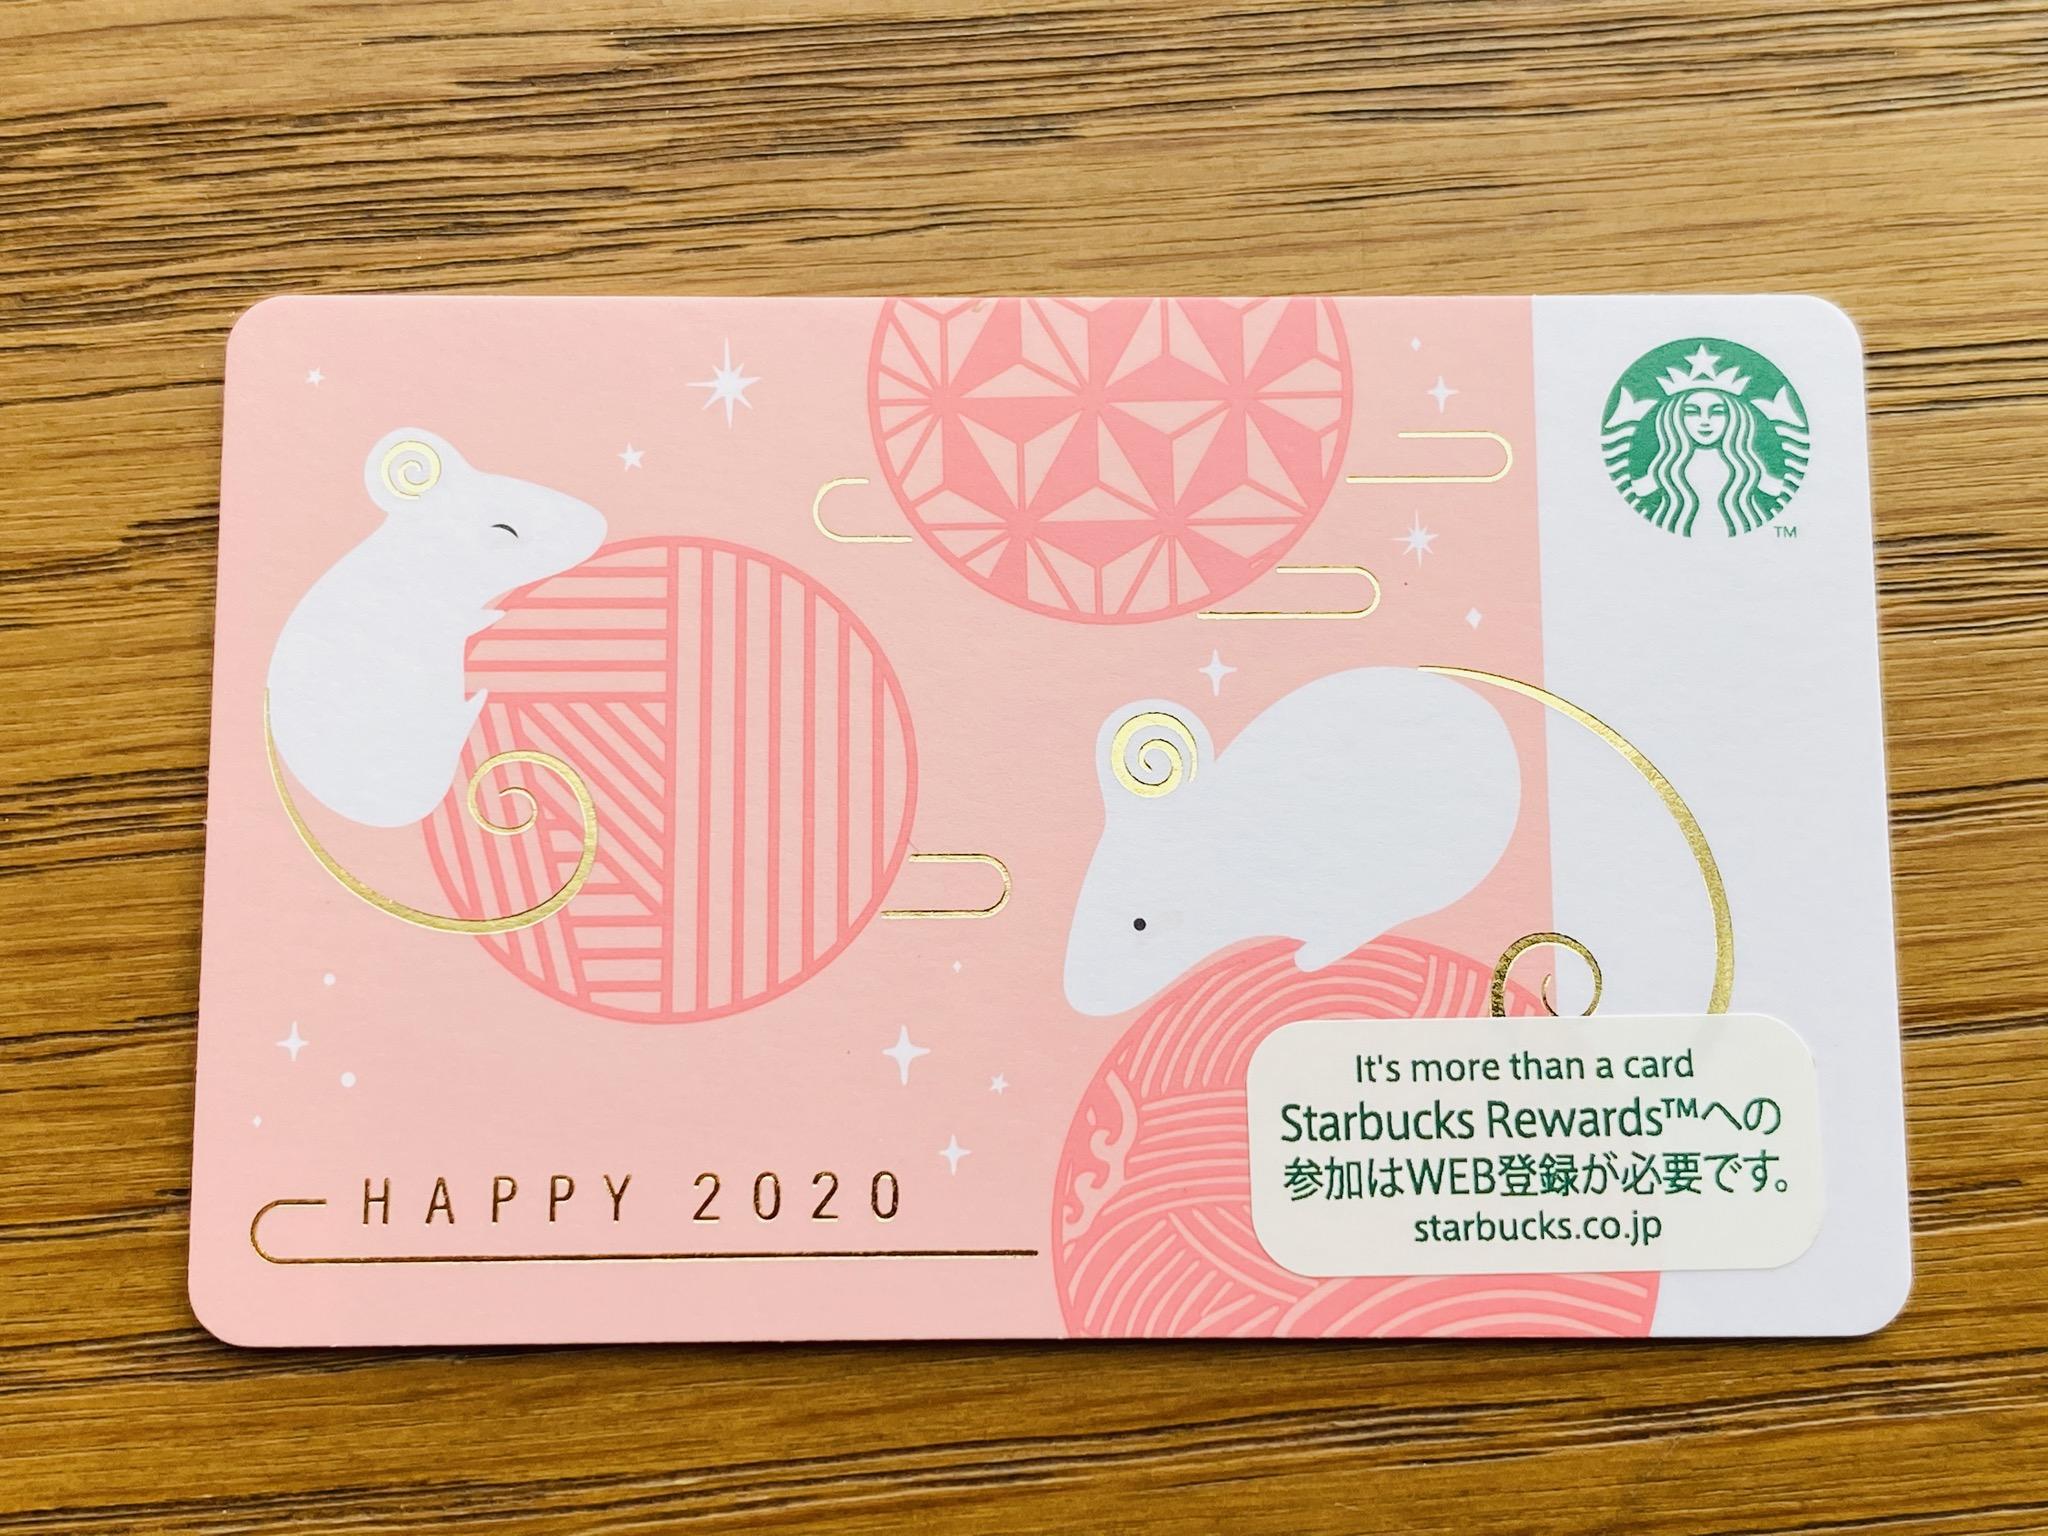 【2020年】スタバのネズミ年干支カード「イヤーオブザマウス」を買った2つの理由【年男】